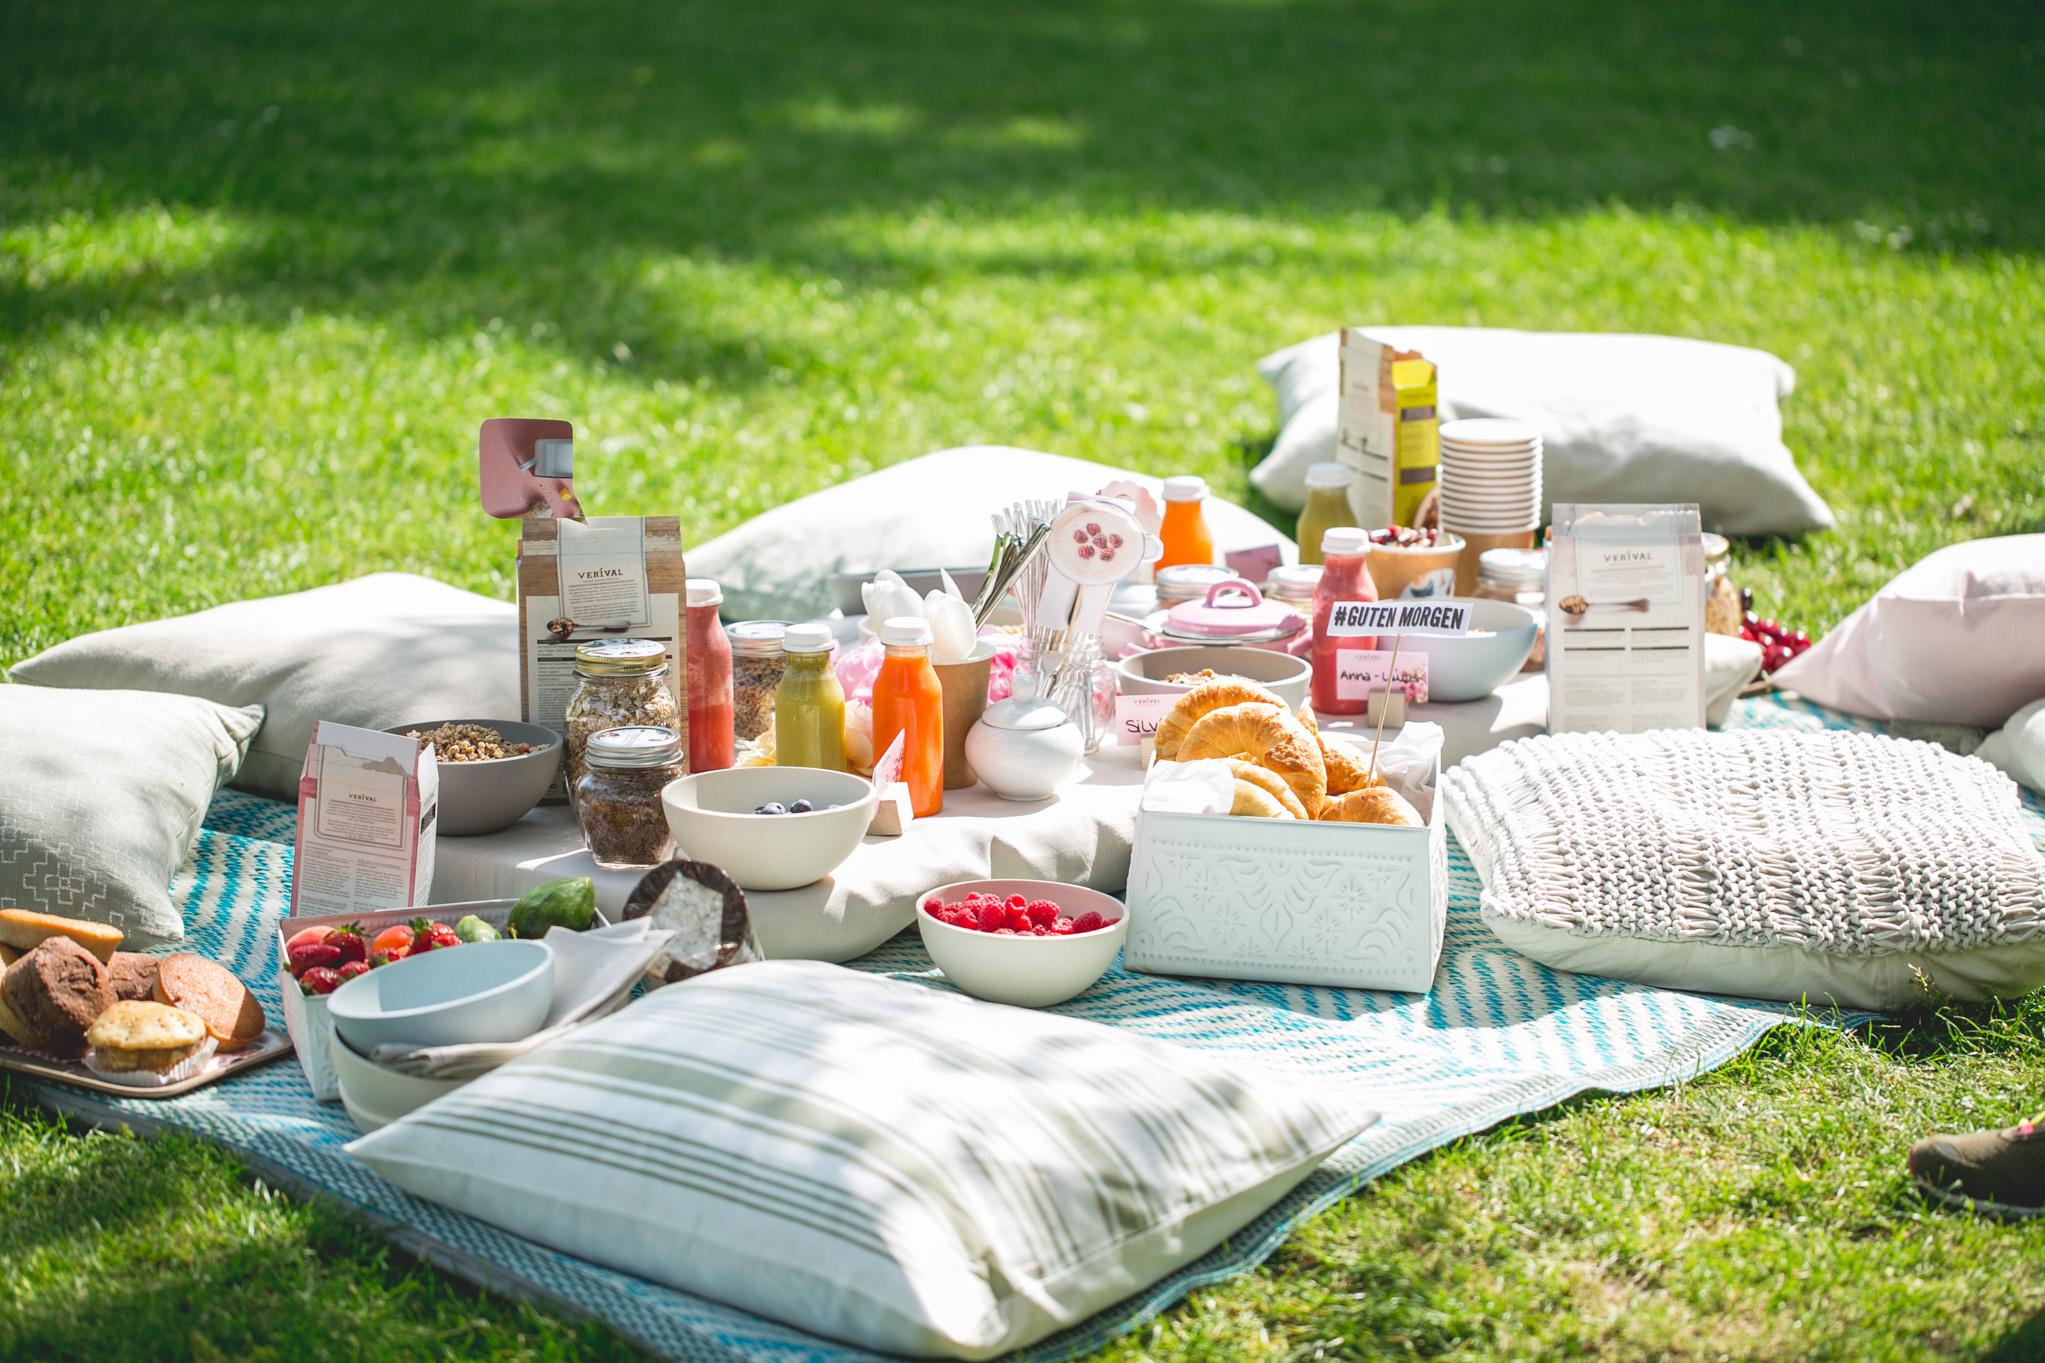 Alles, was es für ein Frühstücks-Picknick braucht © Florence Stoiber